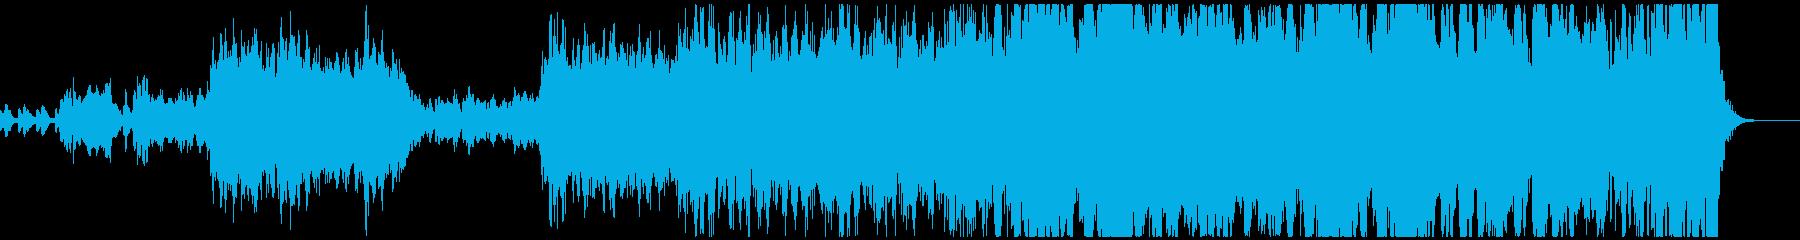 壮大なオーケストラサウンドの再生済みの波形